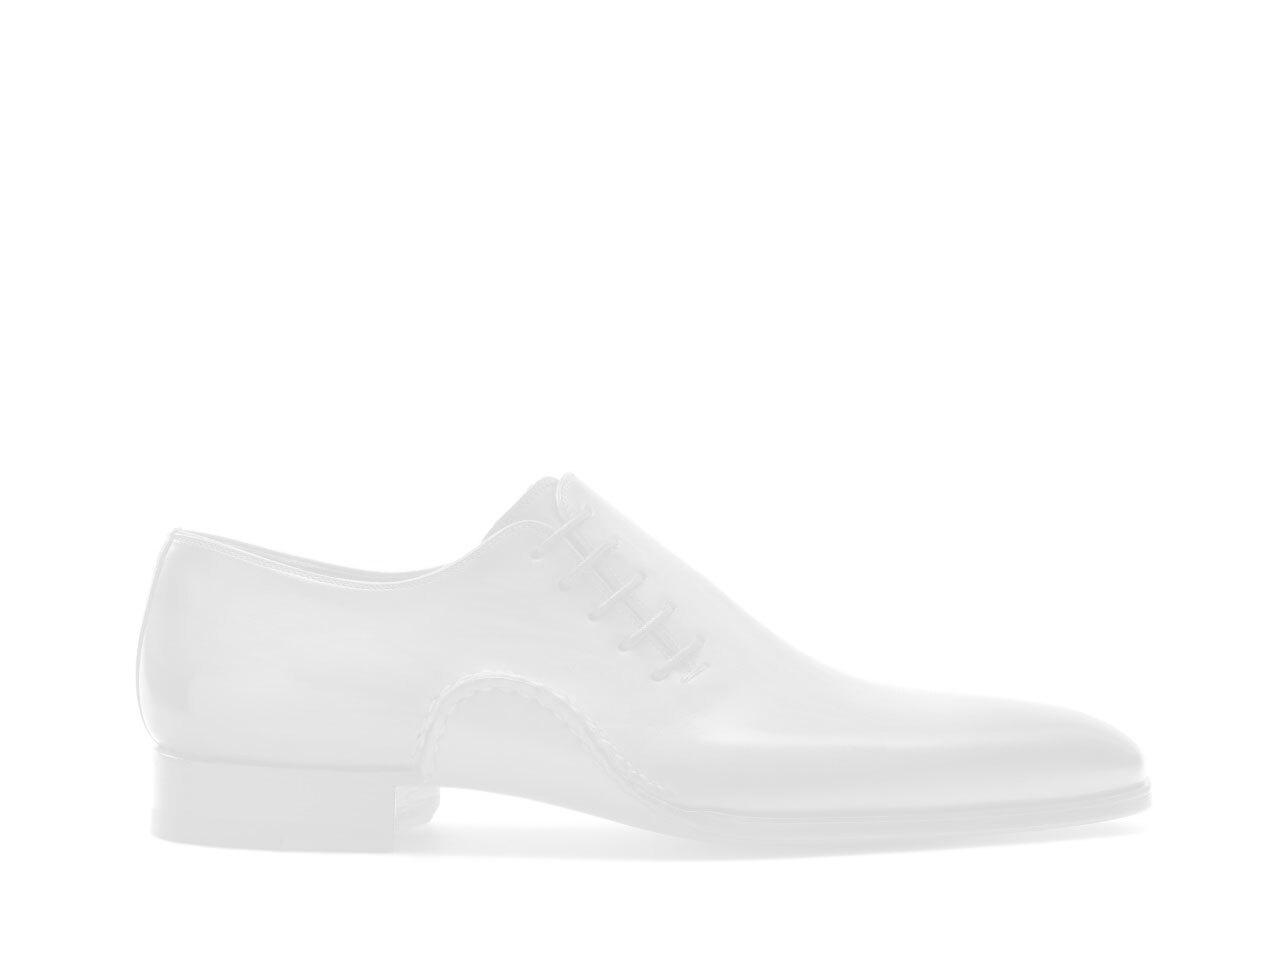 Pair of the Magnanni Derek Royal Men's Double Monk Strap Shoes